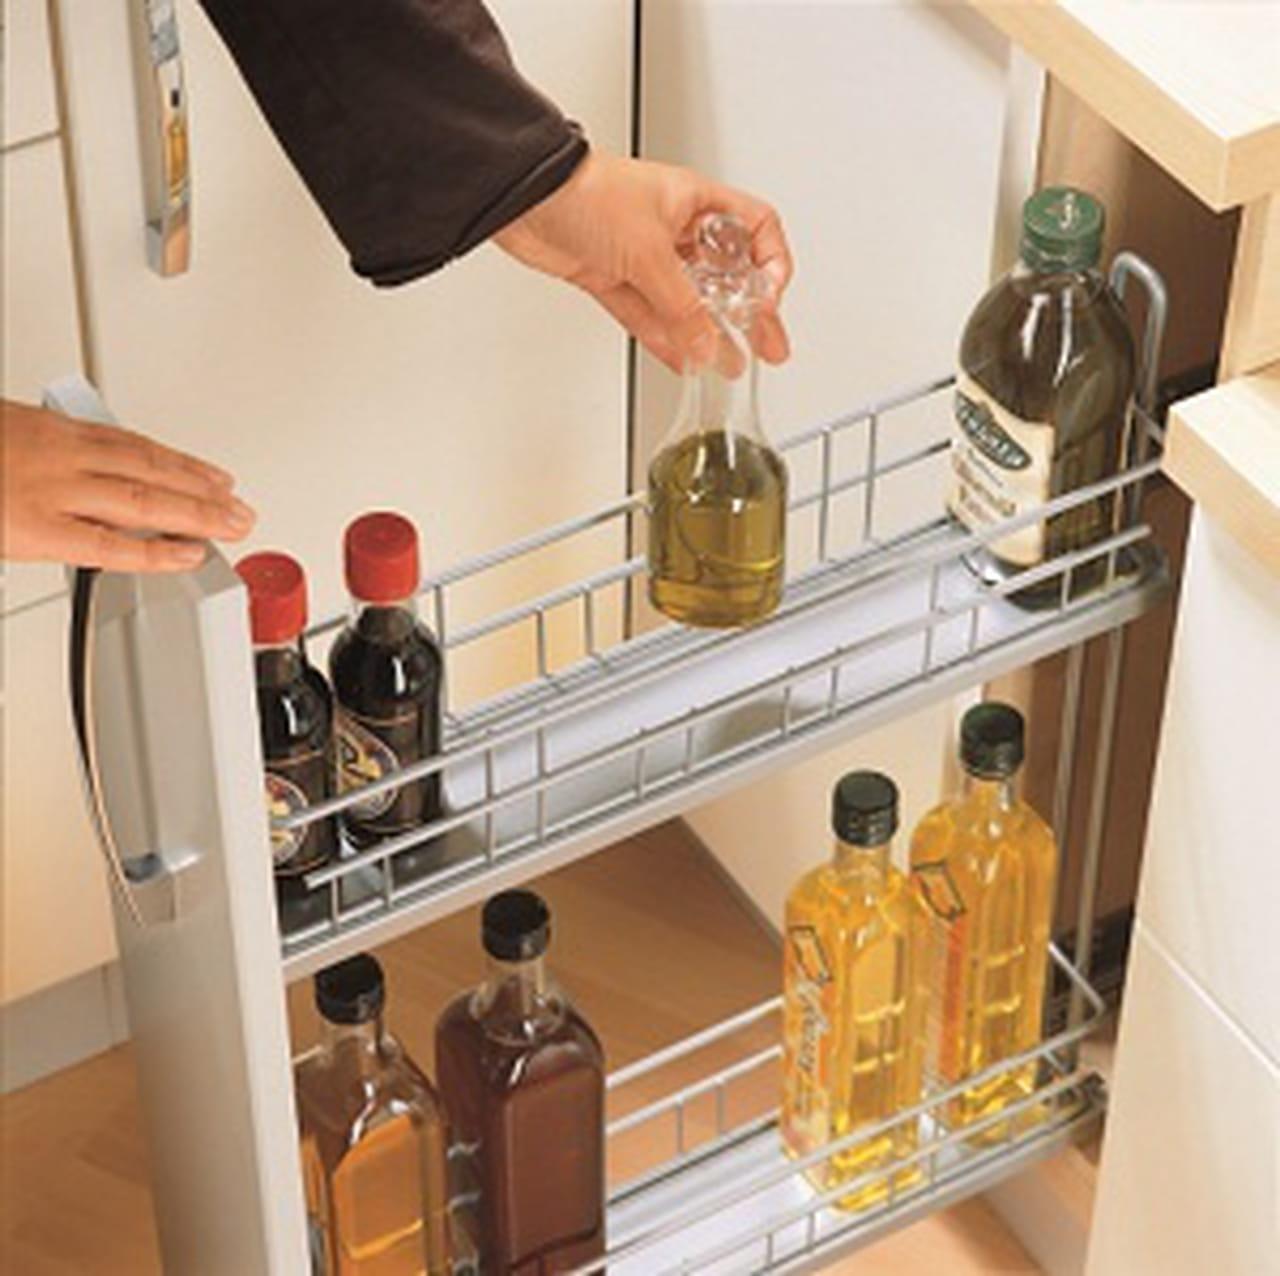 حلول عملية للتخزين والترتيب في المطبخ الصغير